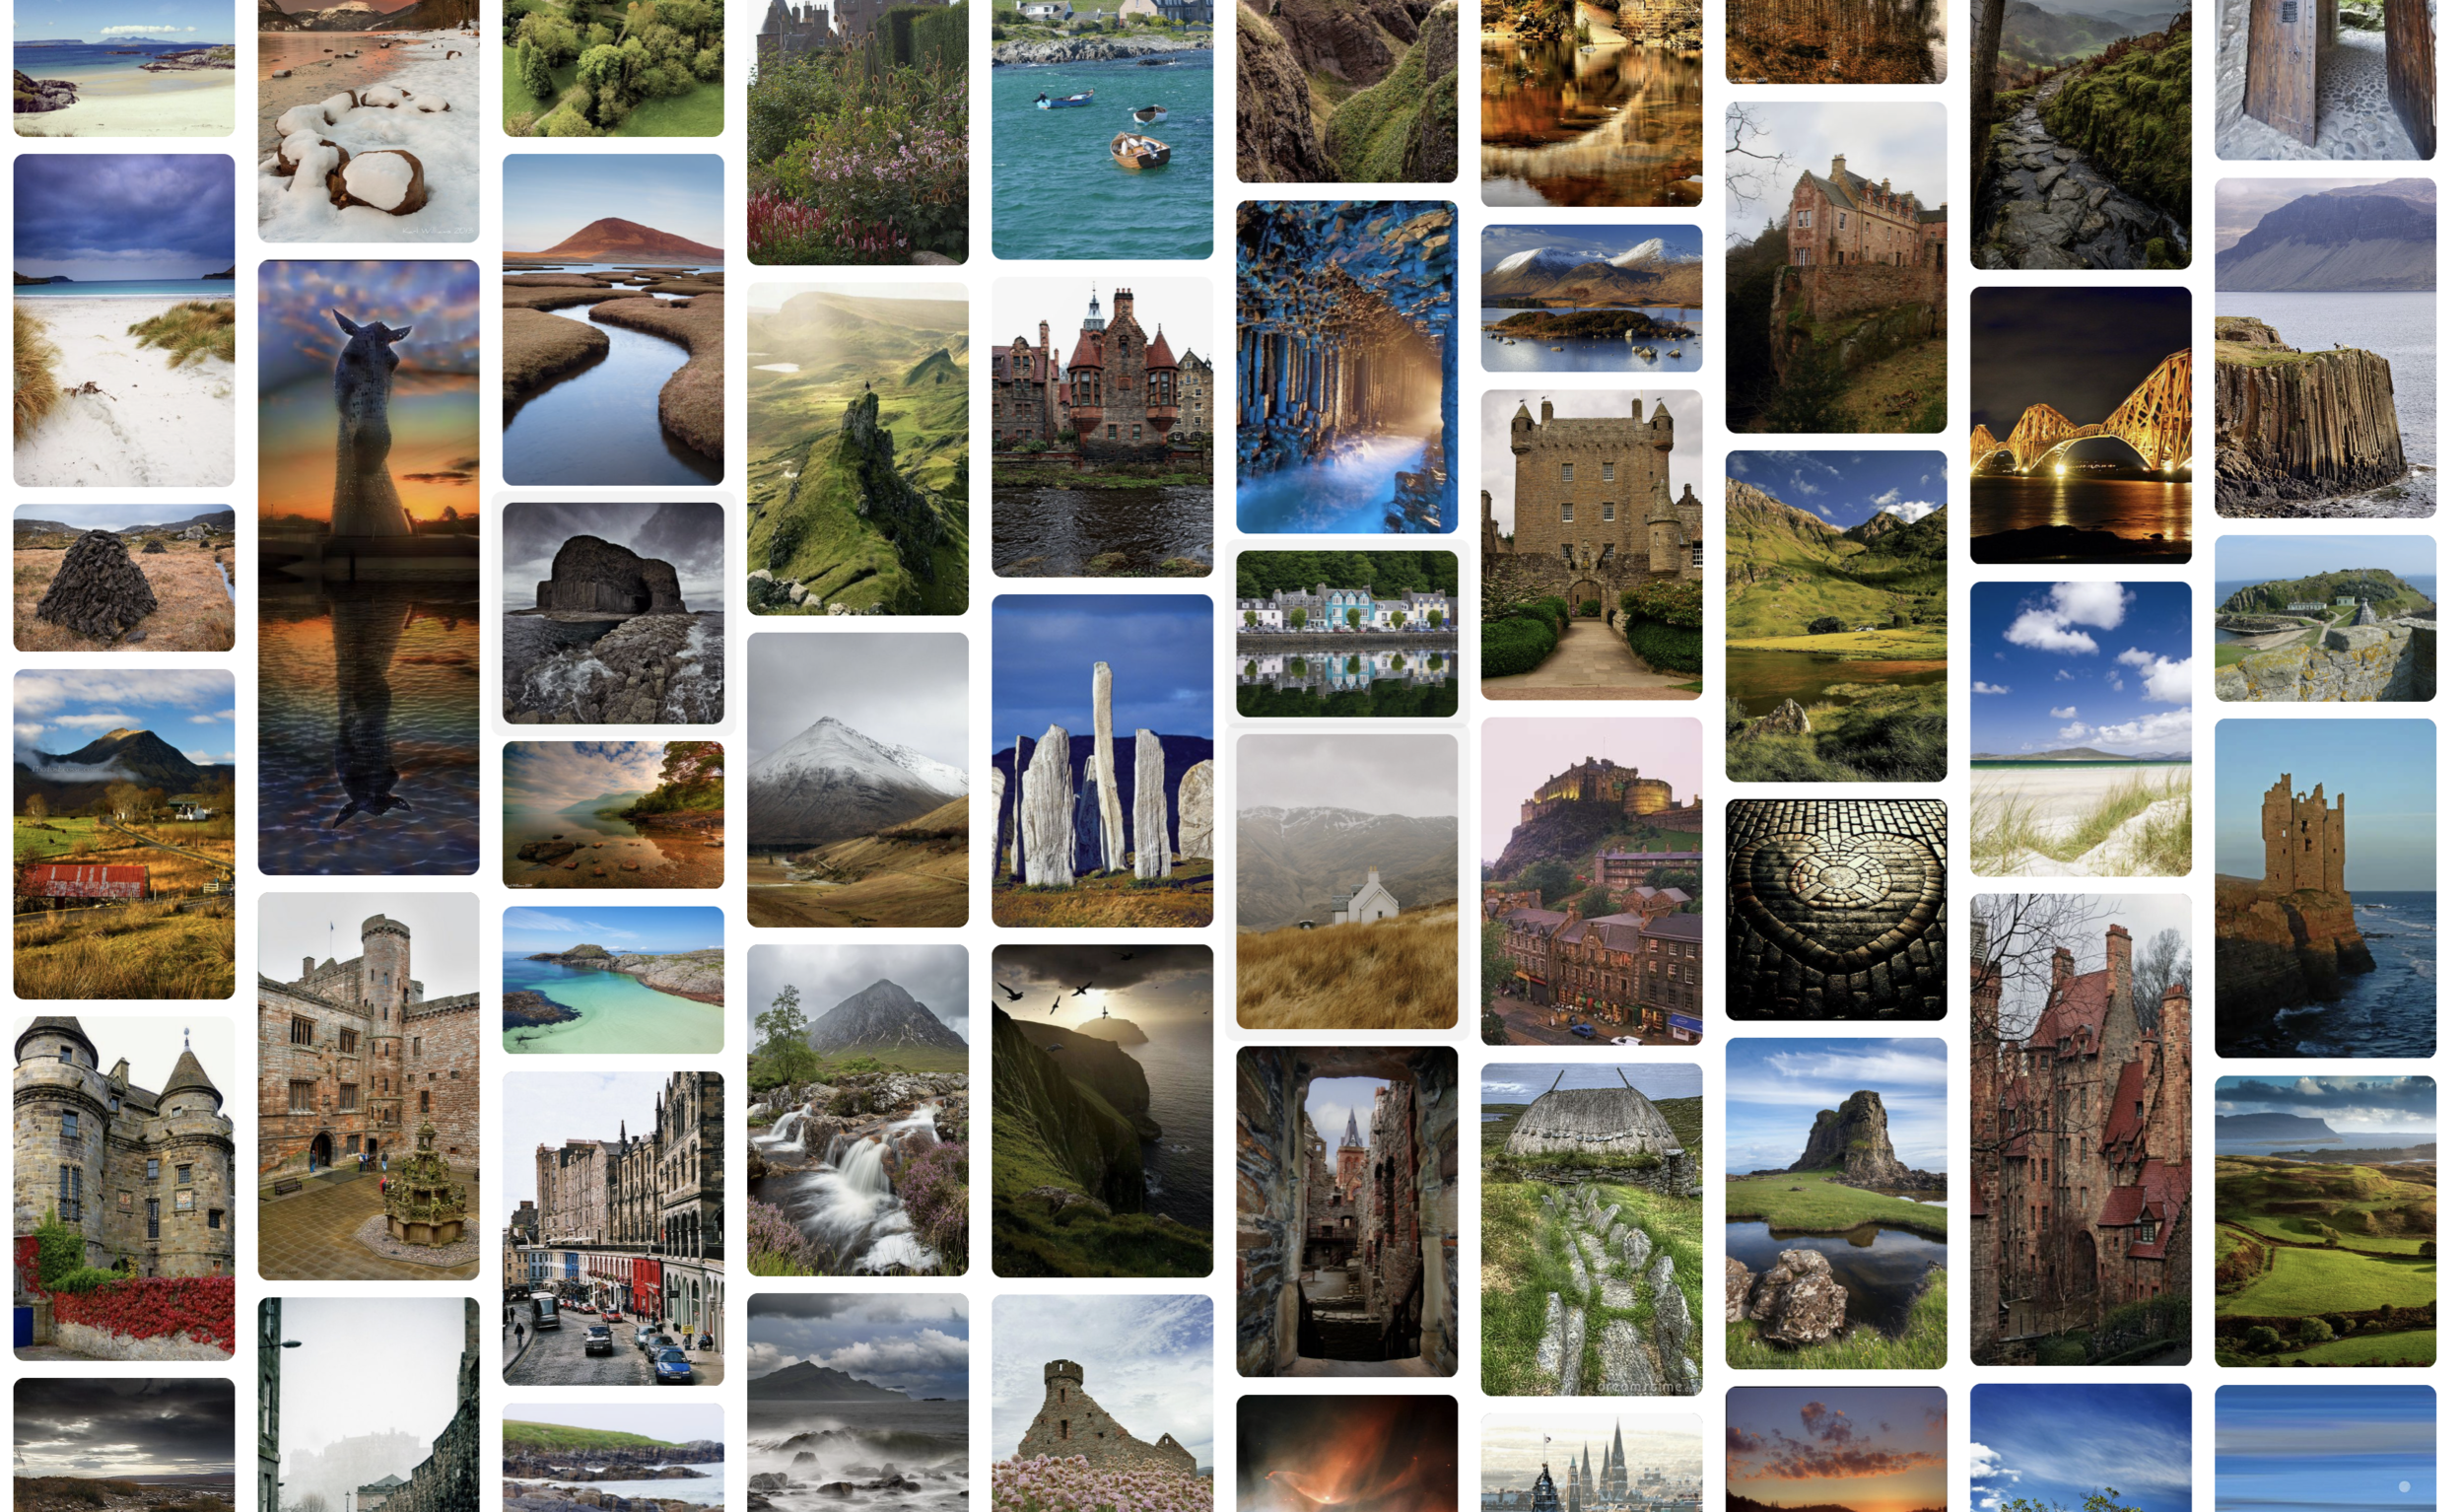 Scottish Textures screenshot.png